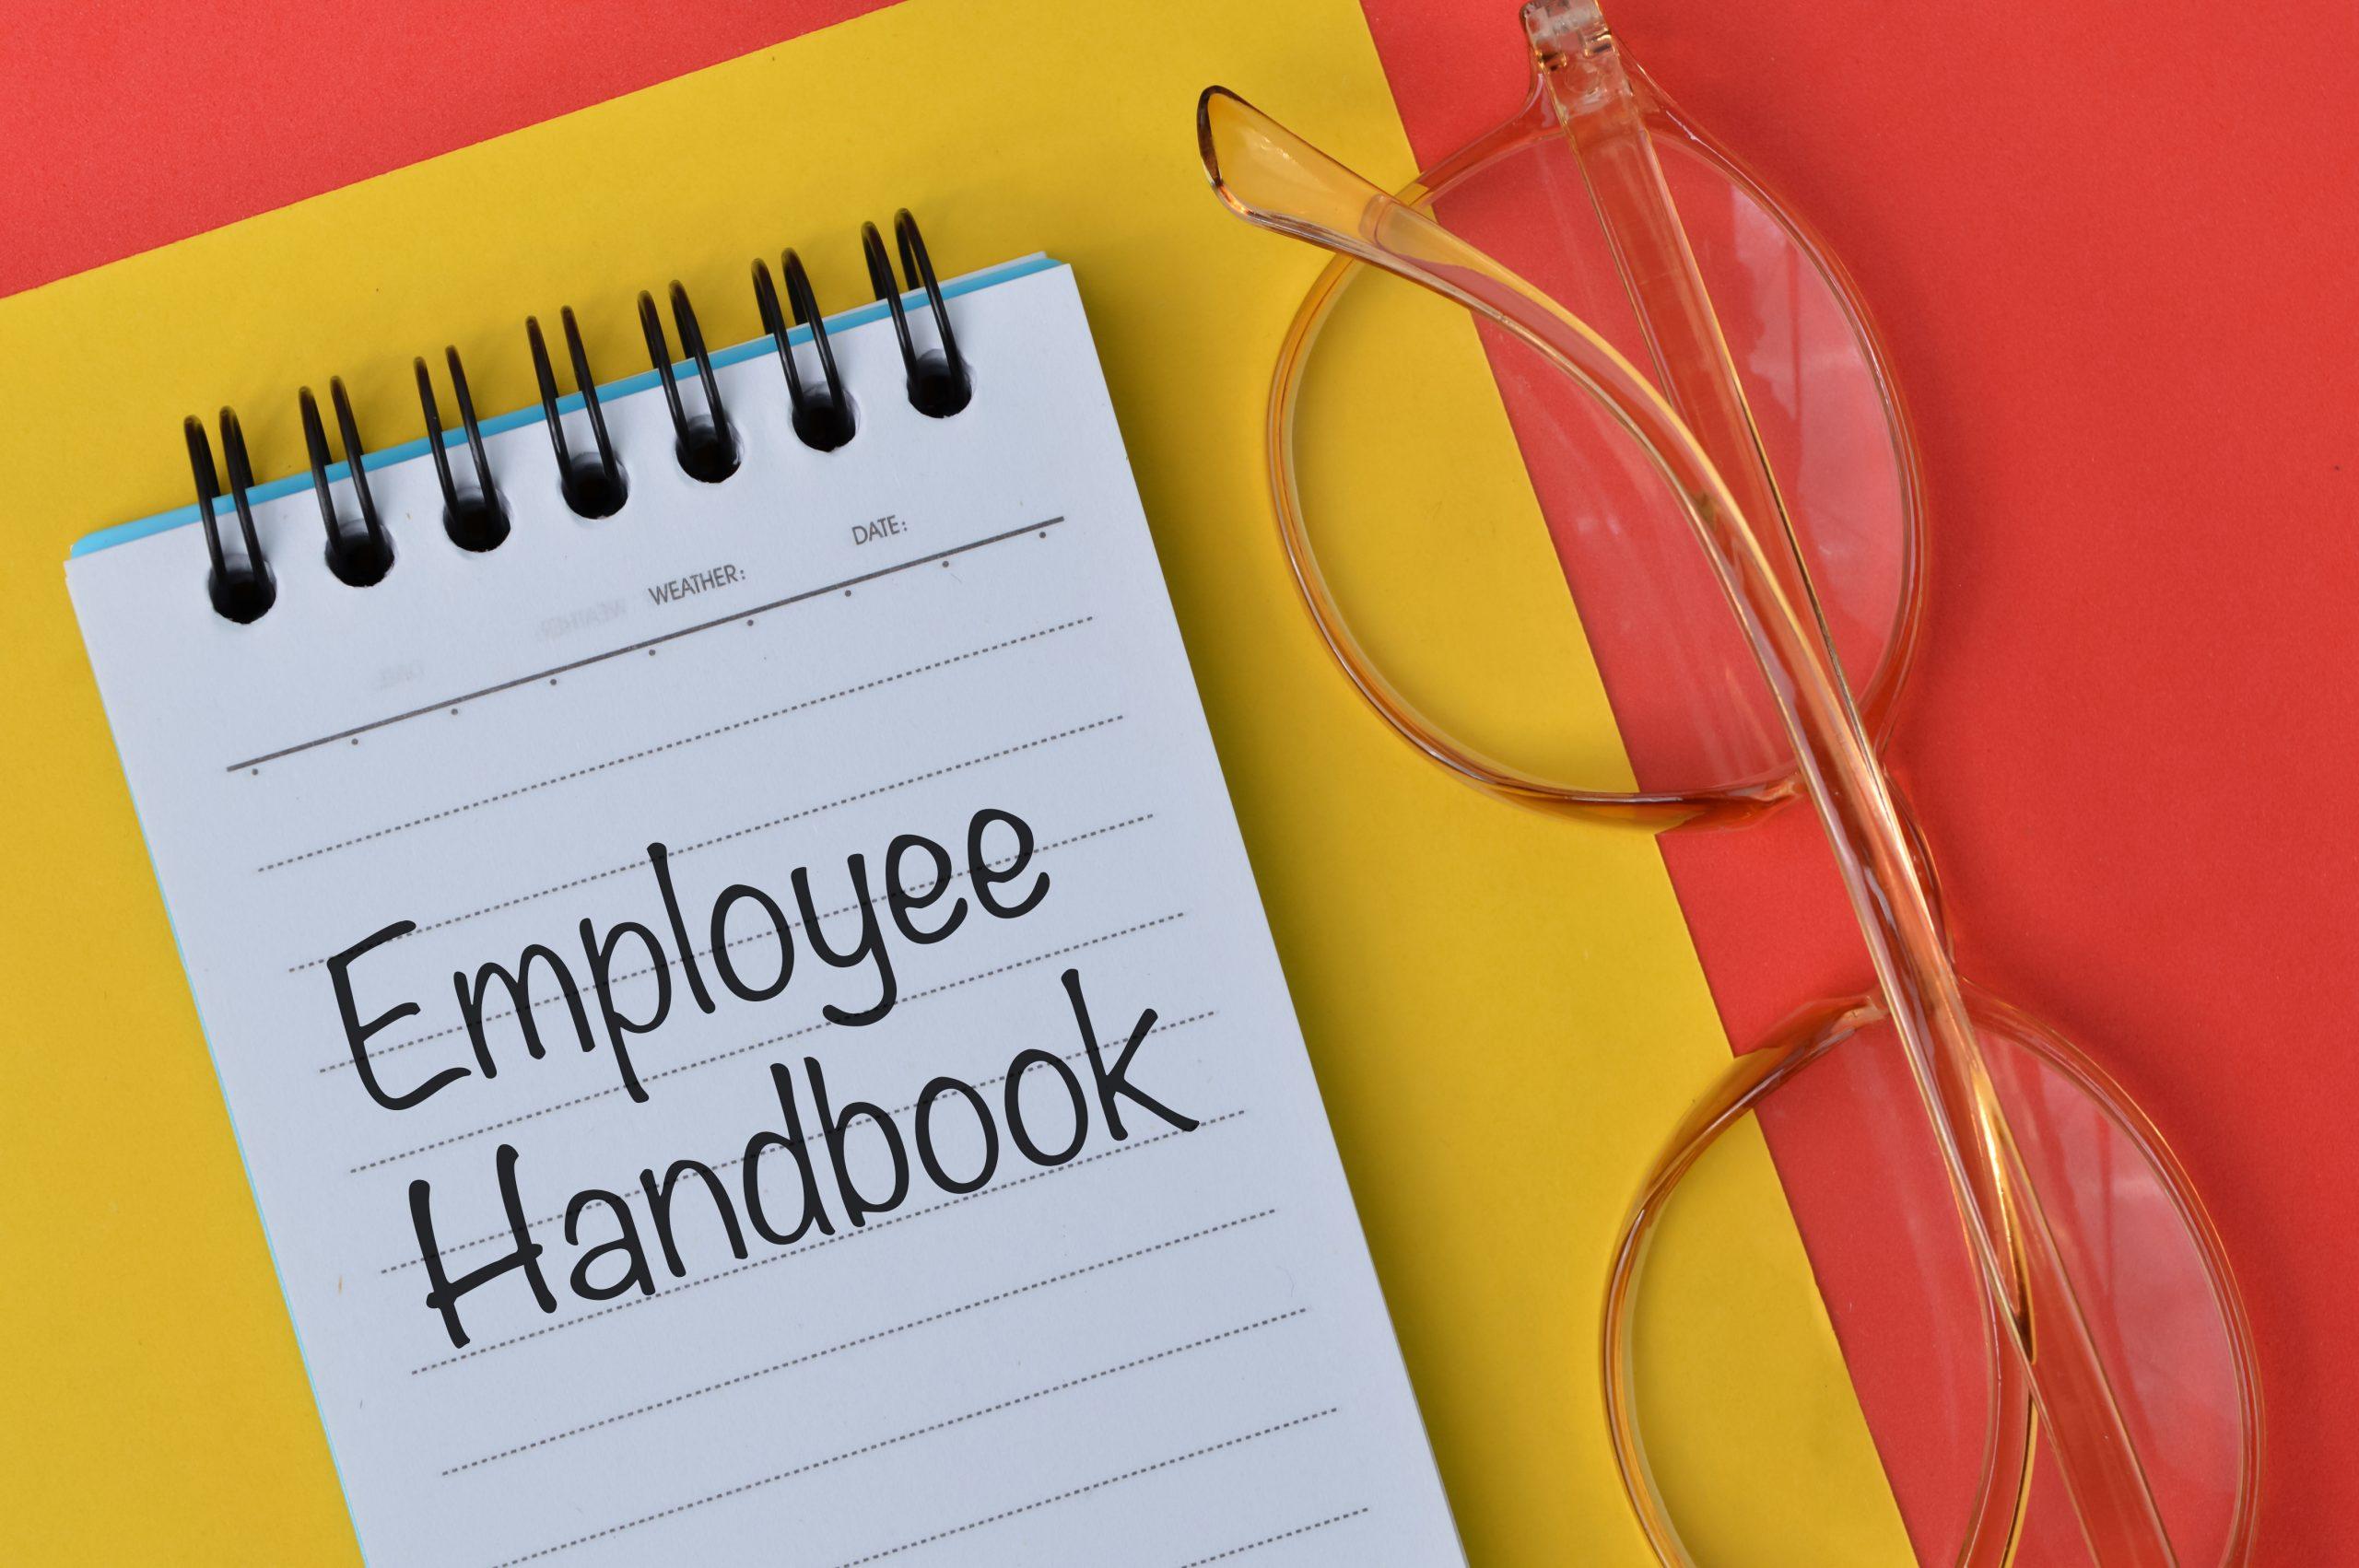 Eyeglasses and employee handbook